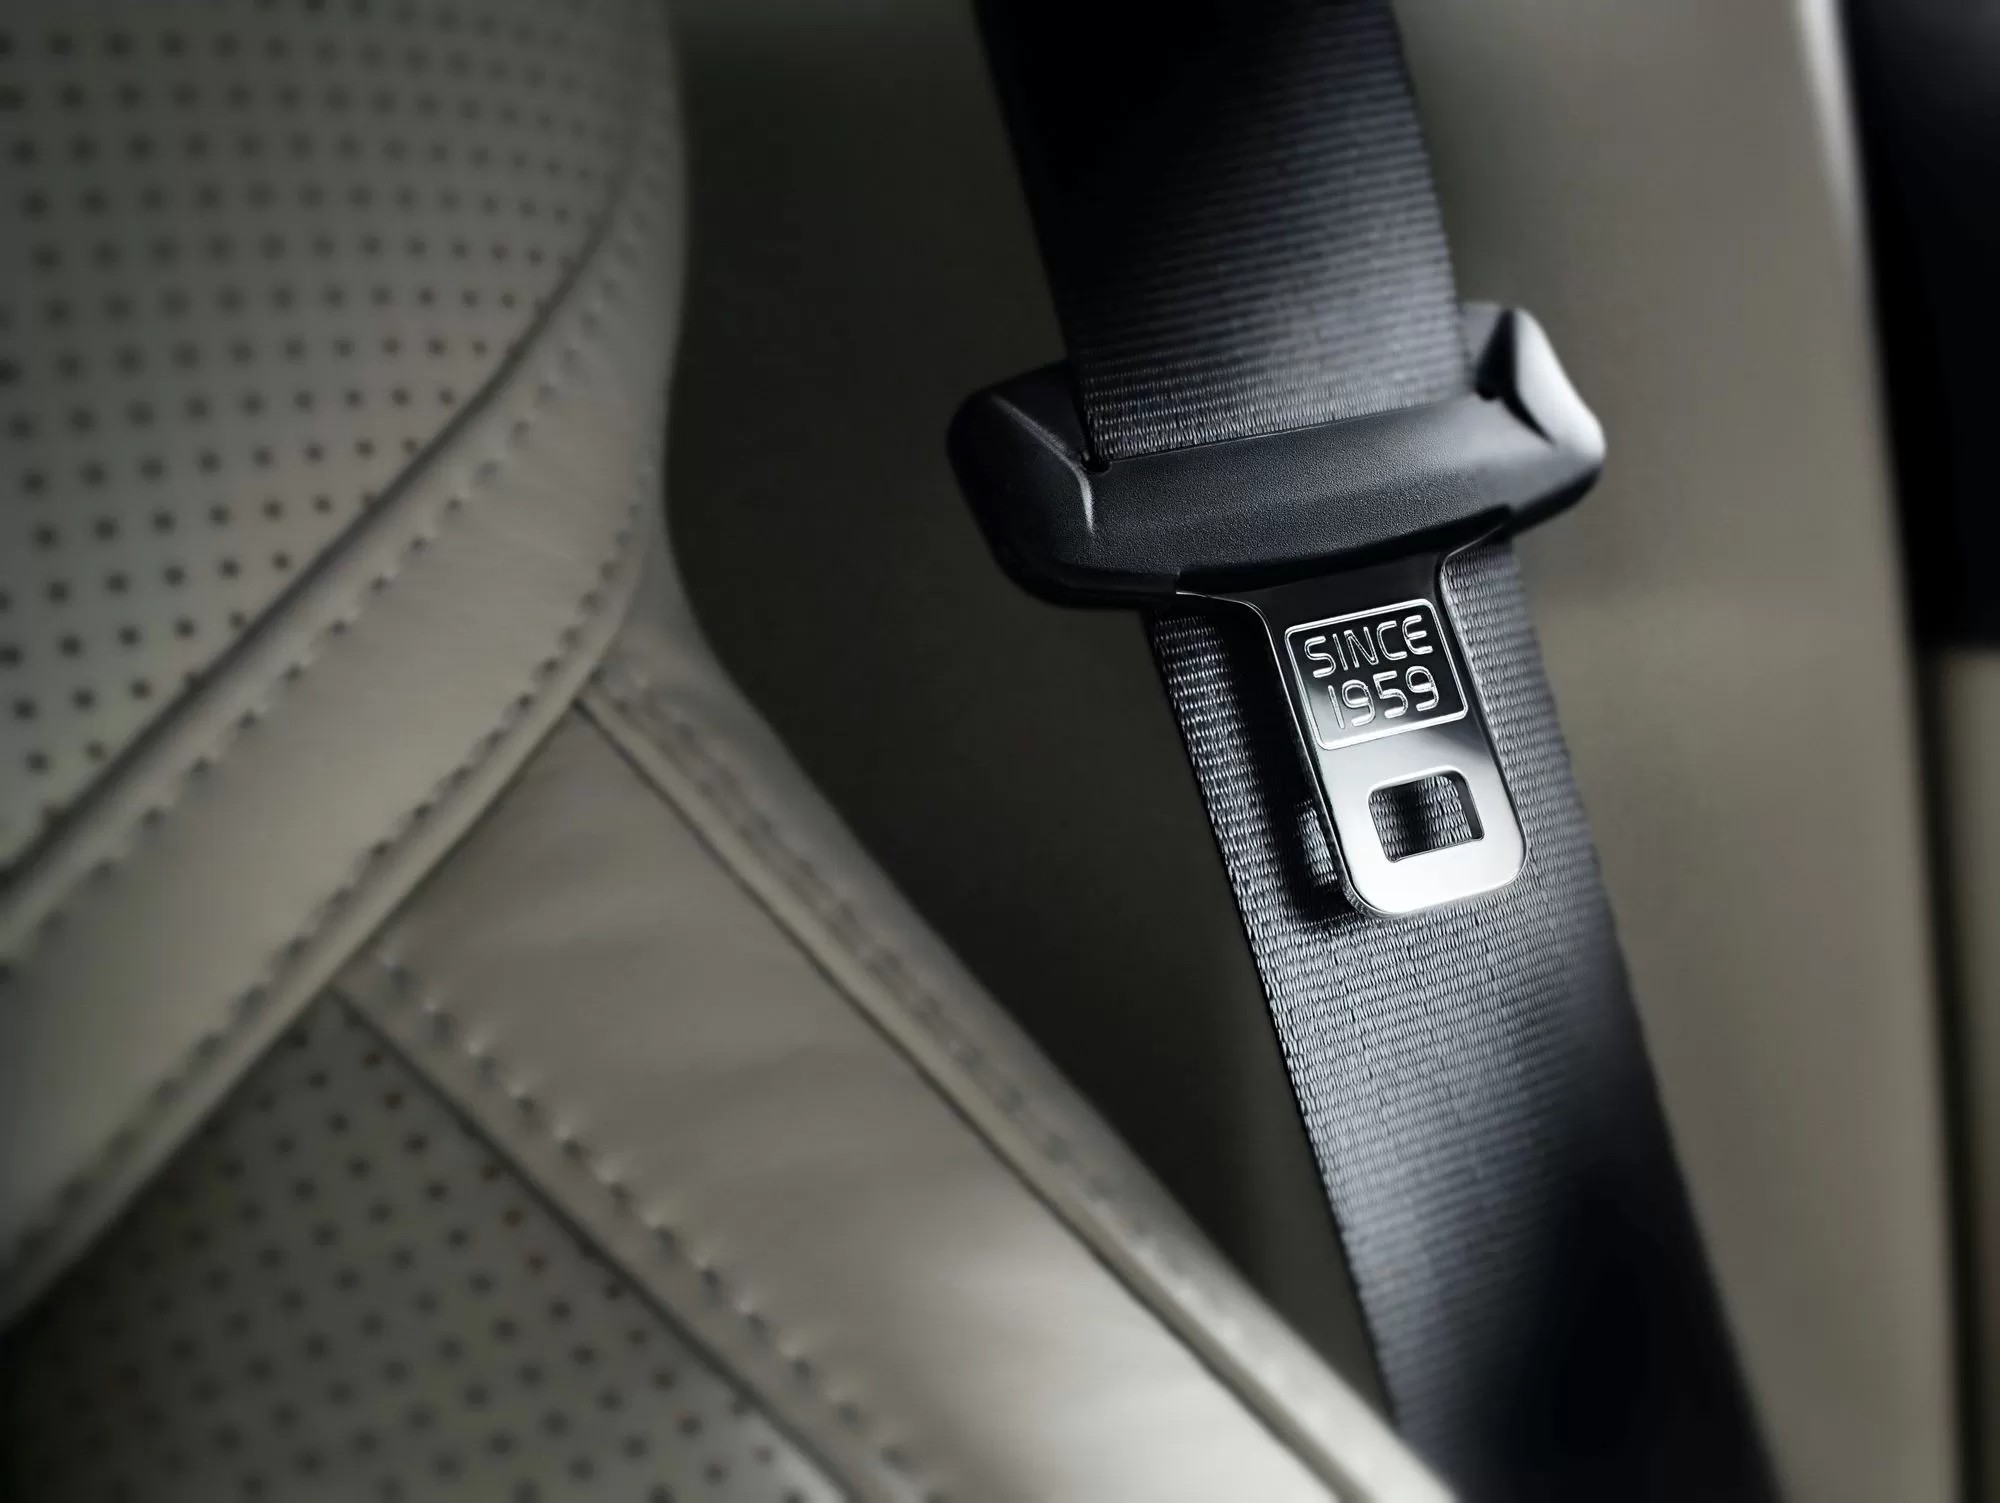 Глобальный отзыв Volvo из-за бракованных ремней безопасности докатился до России